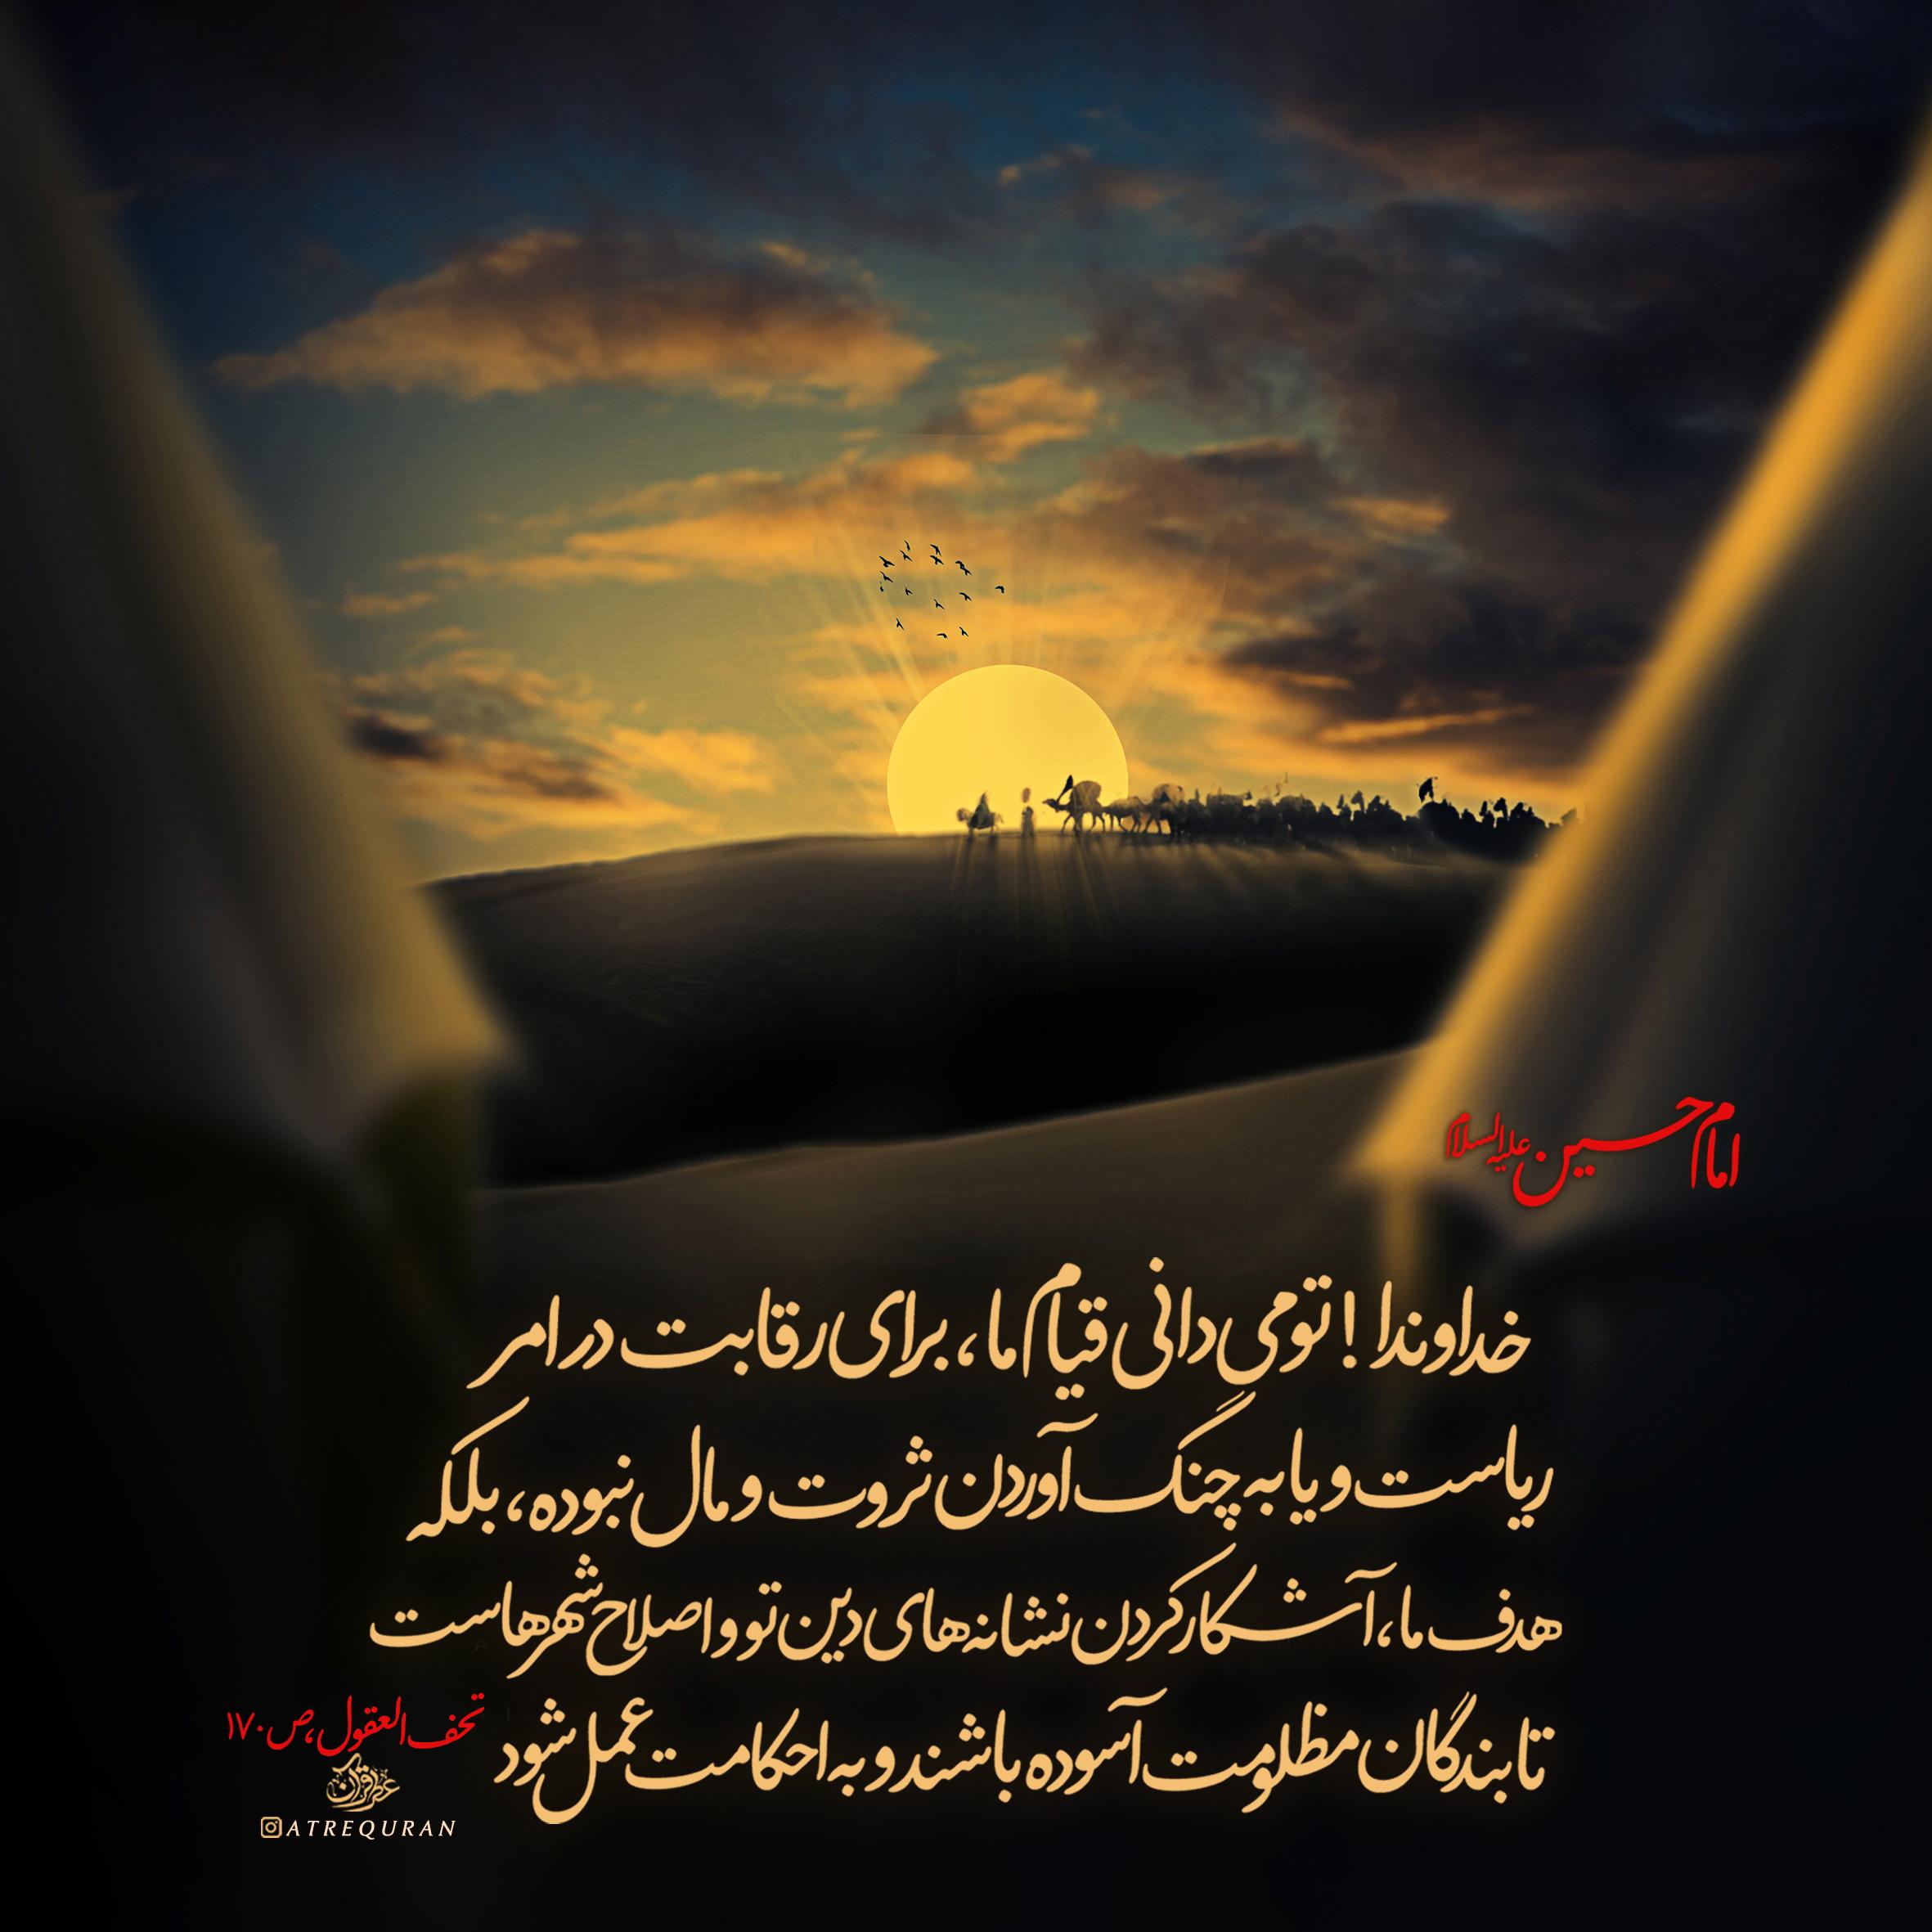 هدف از قیام امام حسین علیه السلام